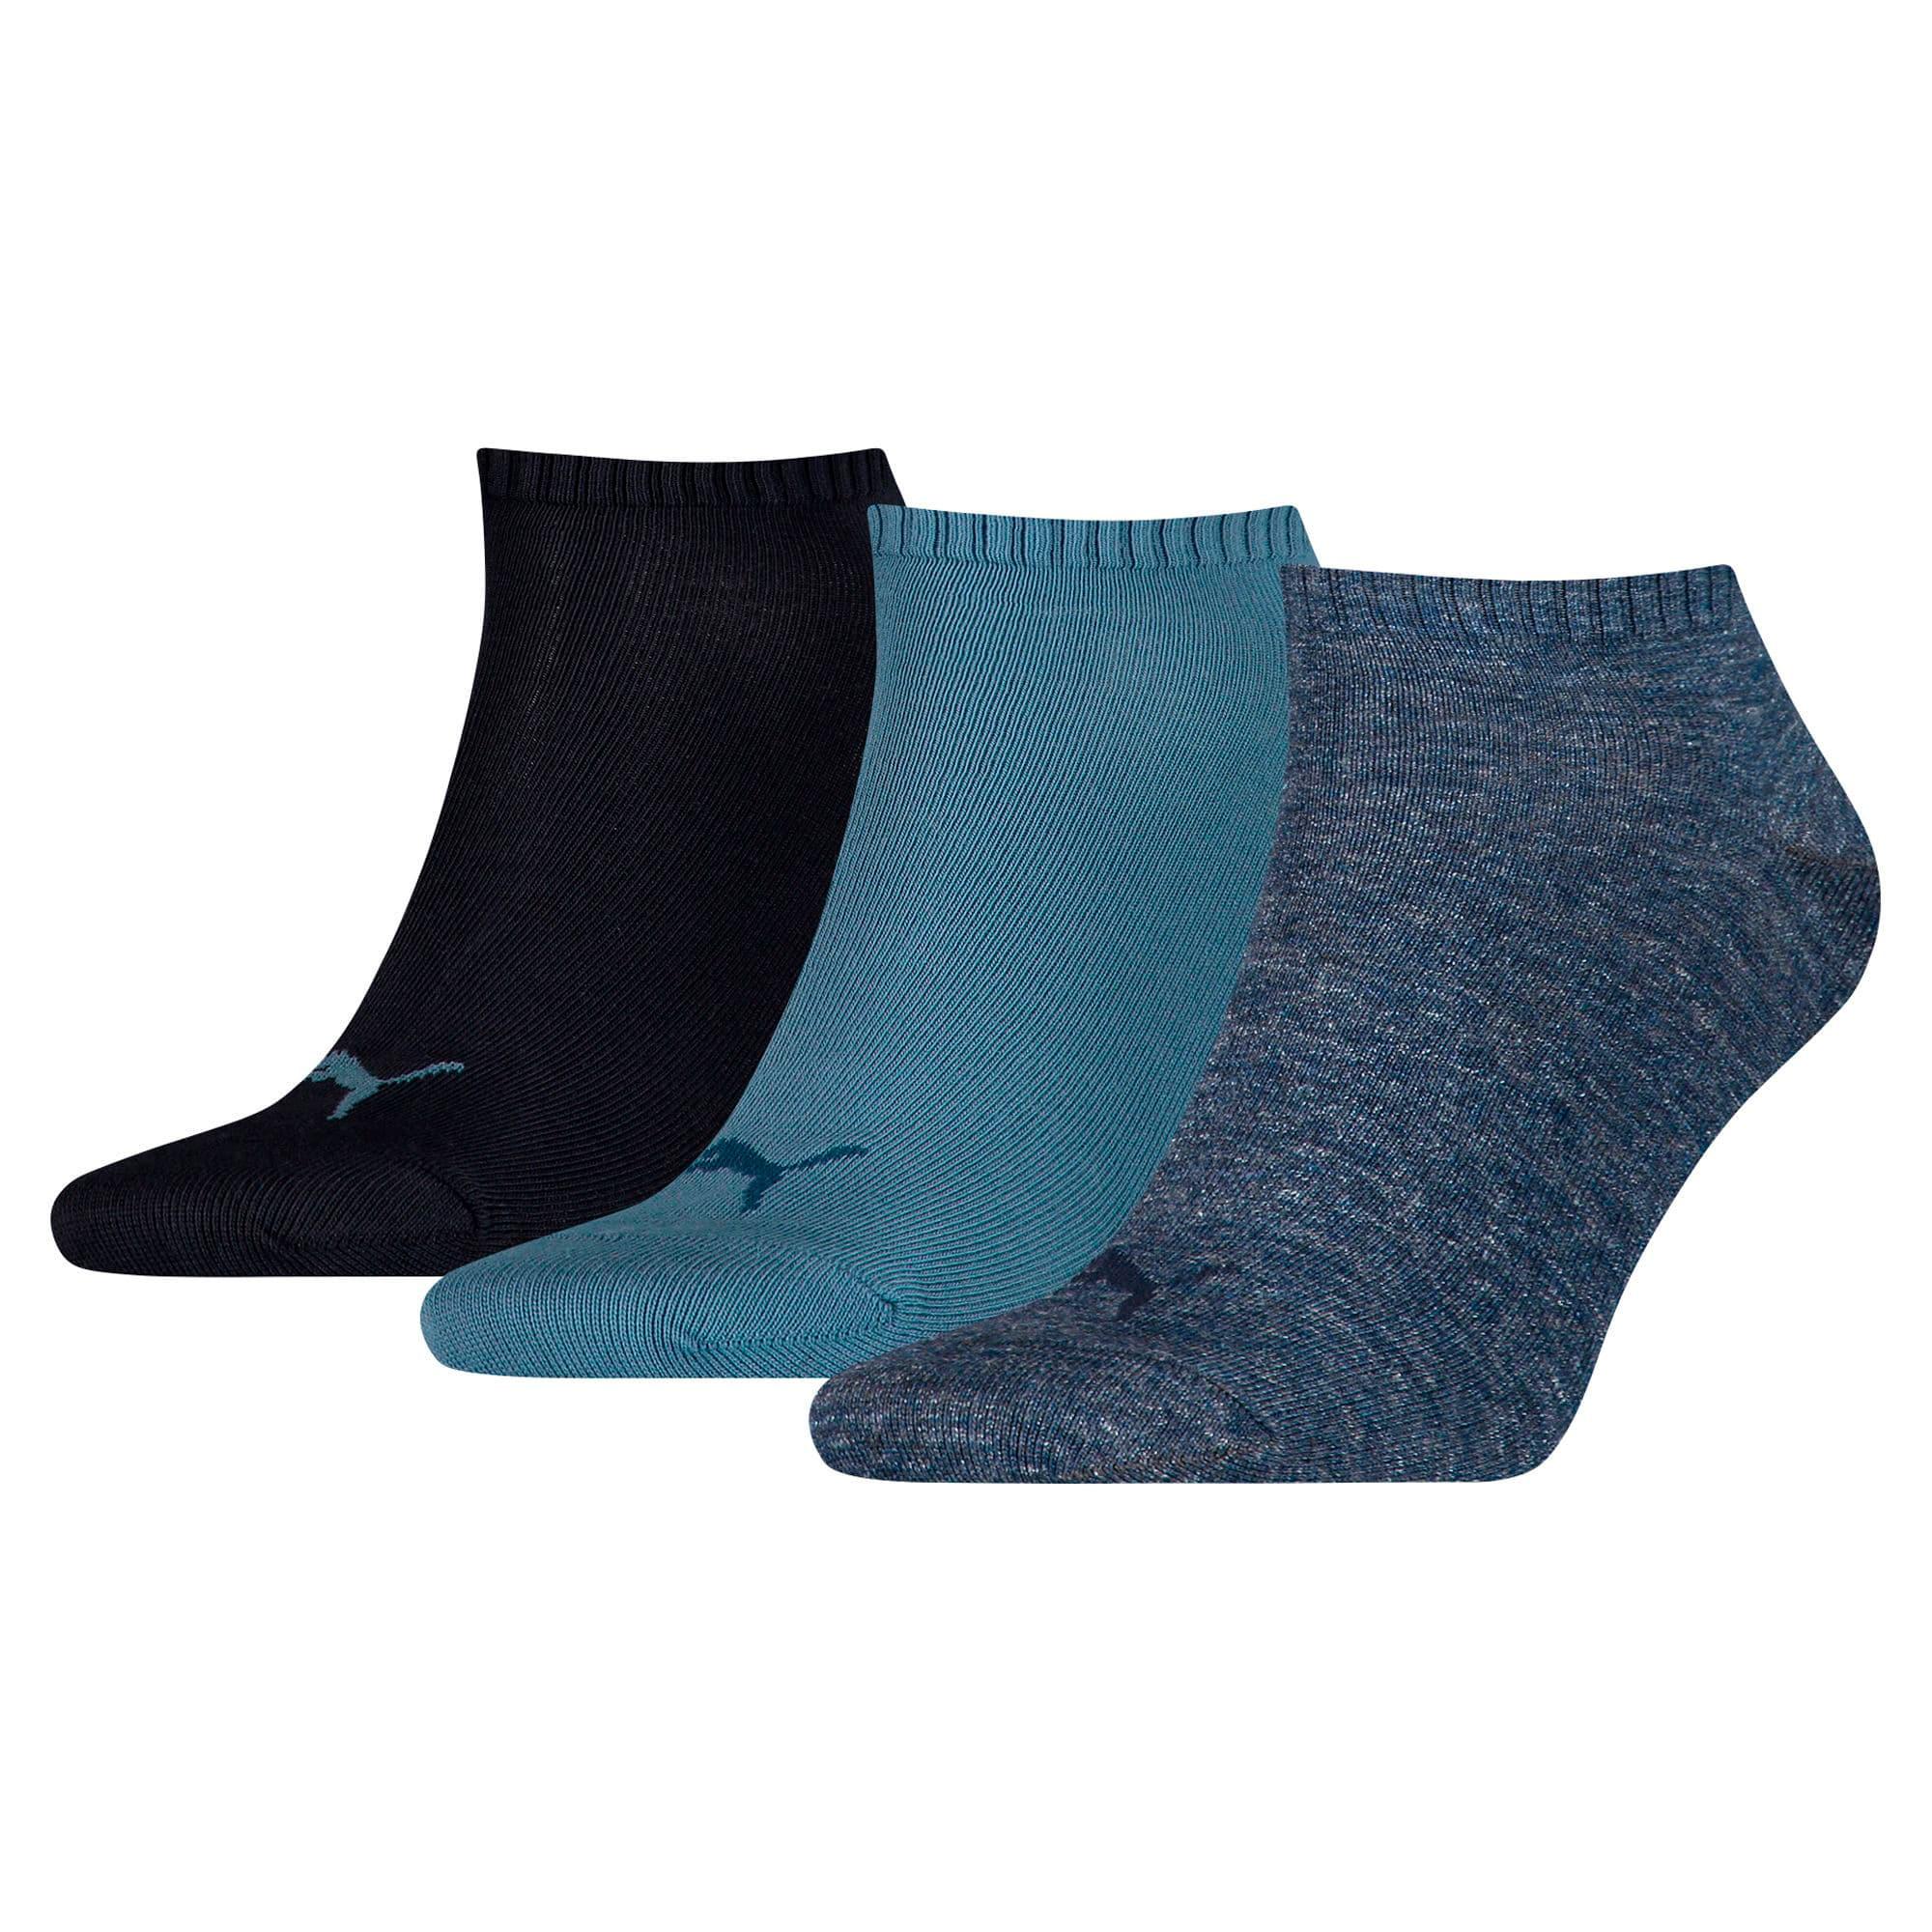 Thumbnail 1 of Trainer Socks 3 Pack, denim blue, medium